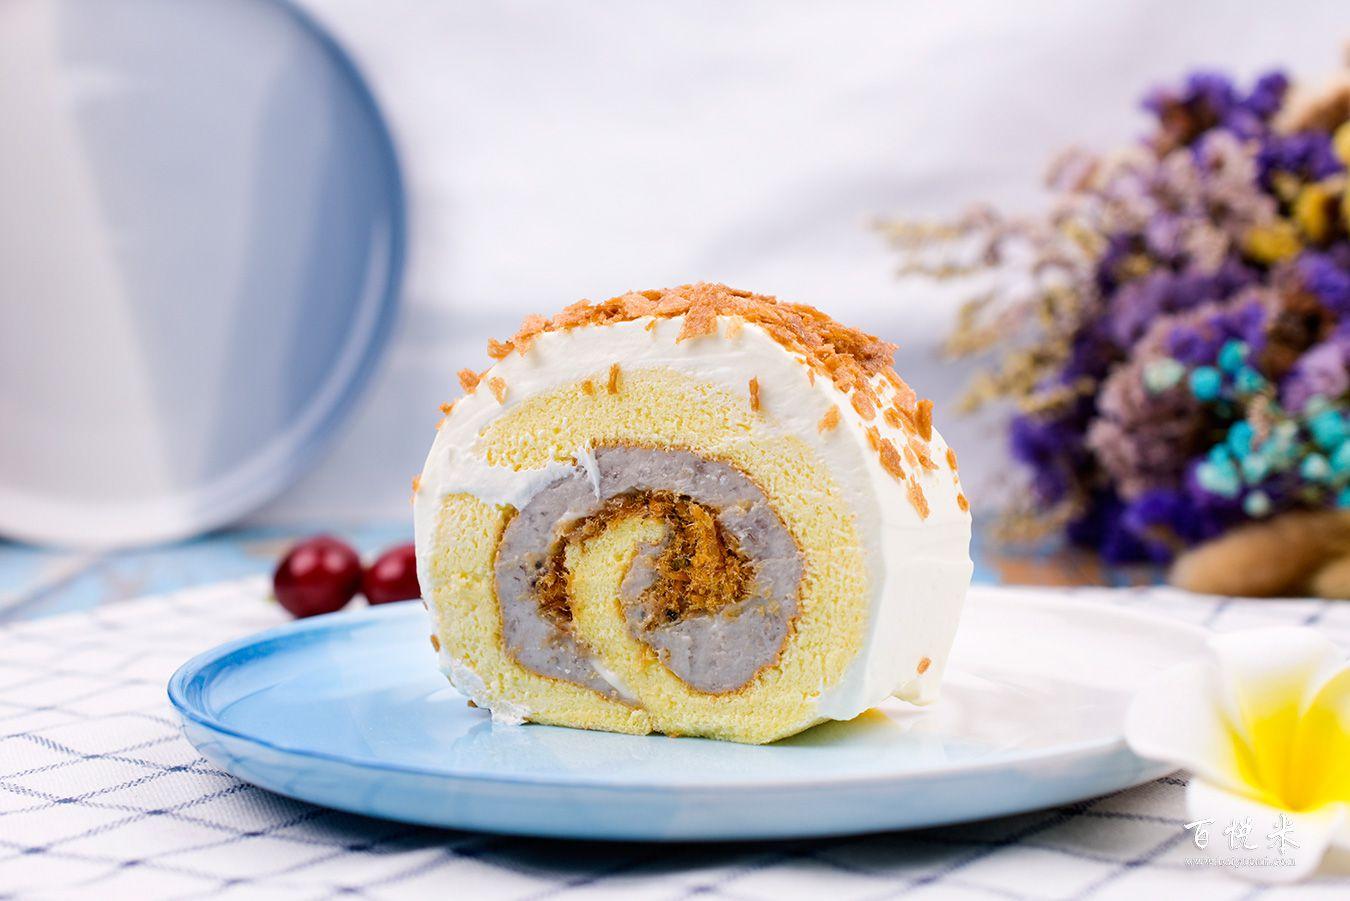 香芋蛋糕卷高清图片大全【蛋糕图片】_384